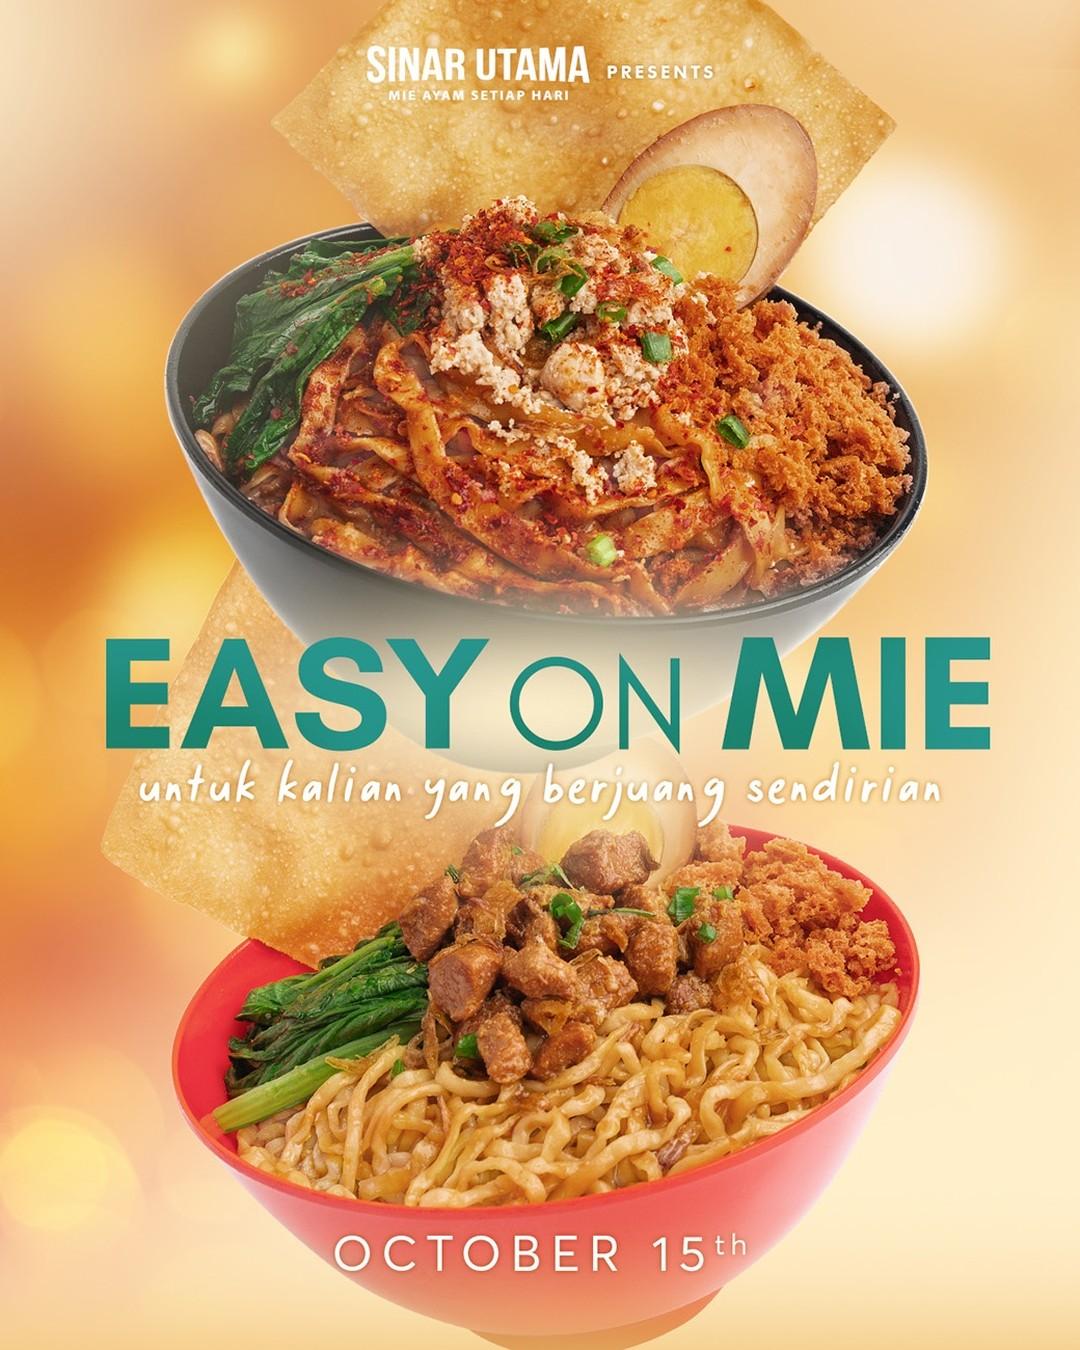 @sinarutama.id presents Easy On Mie Untuk kalian yang berjuang sendirian  Coming soon 15 Oktober 2021 di outlet & aplikasi ojol Sinar Utama Stay tune 🥺️🩹🏼 @sinarutama.id Salam